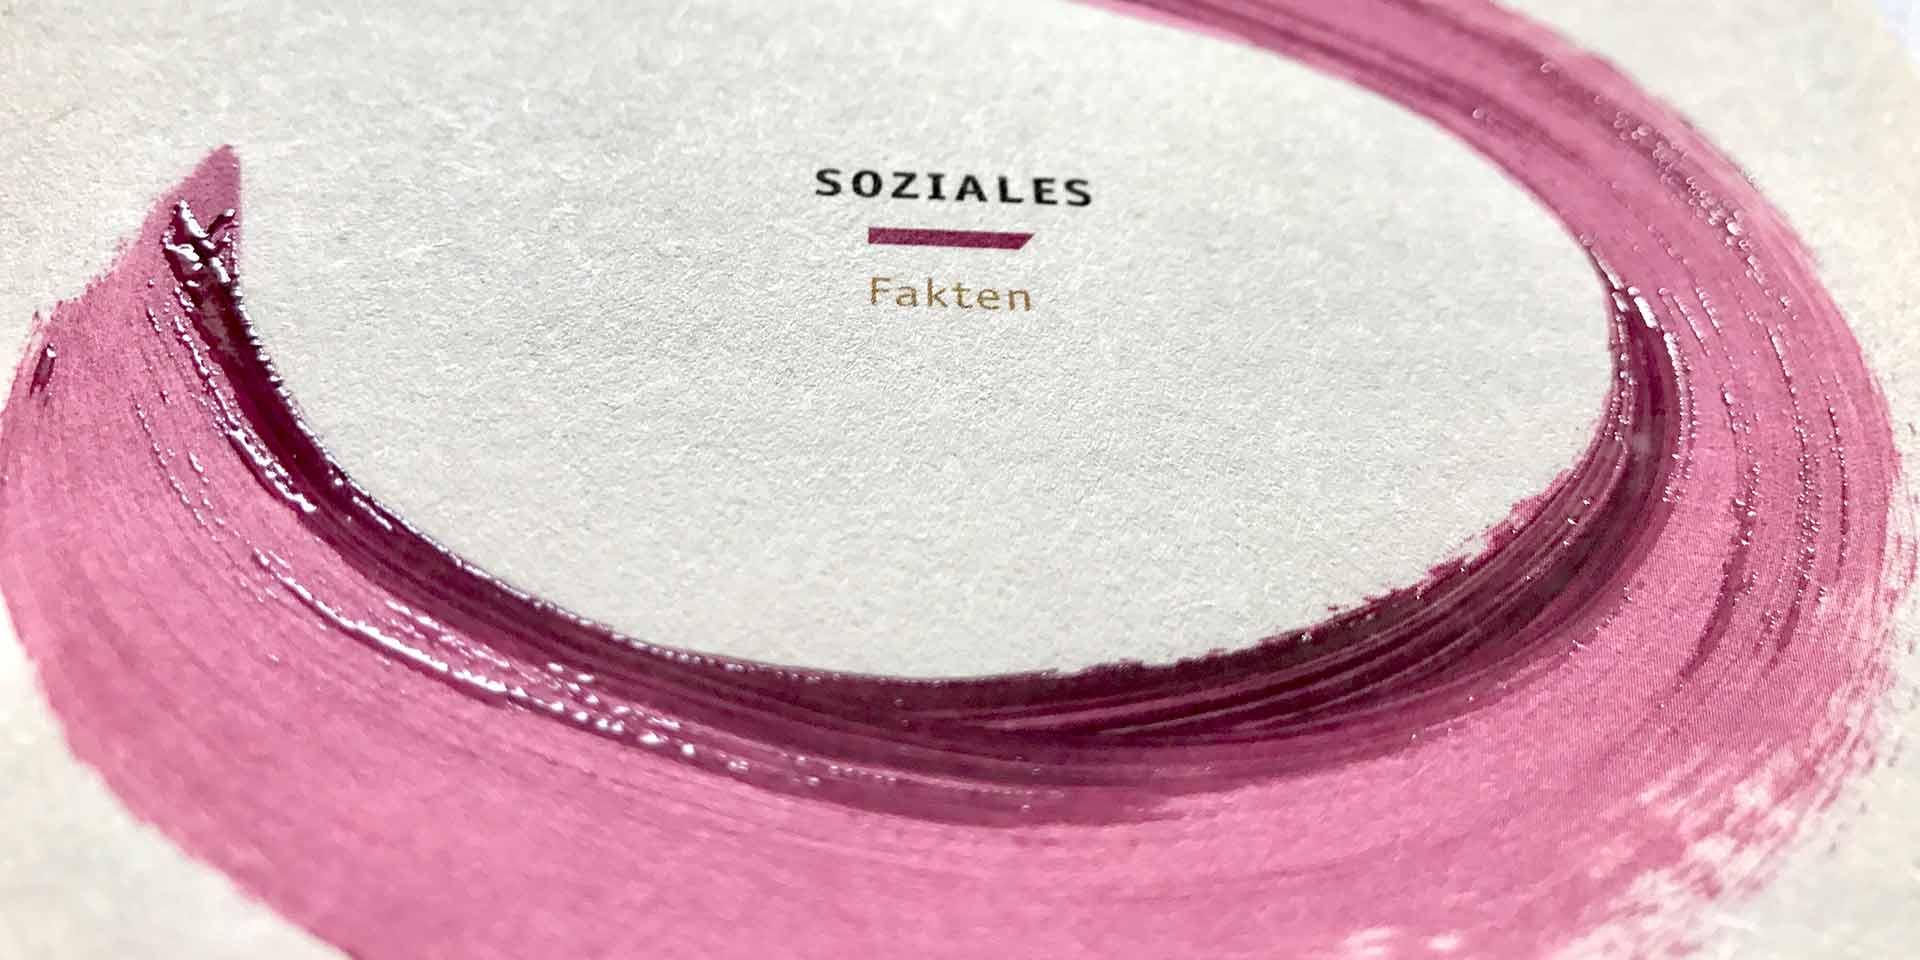 gewoba taetigkeitsbericht close-up soziales 2016 polarwerk